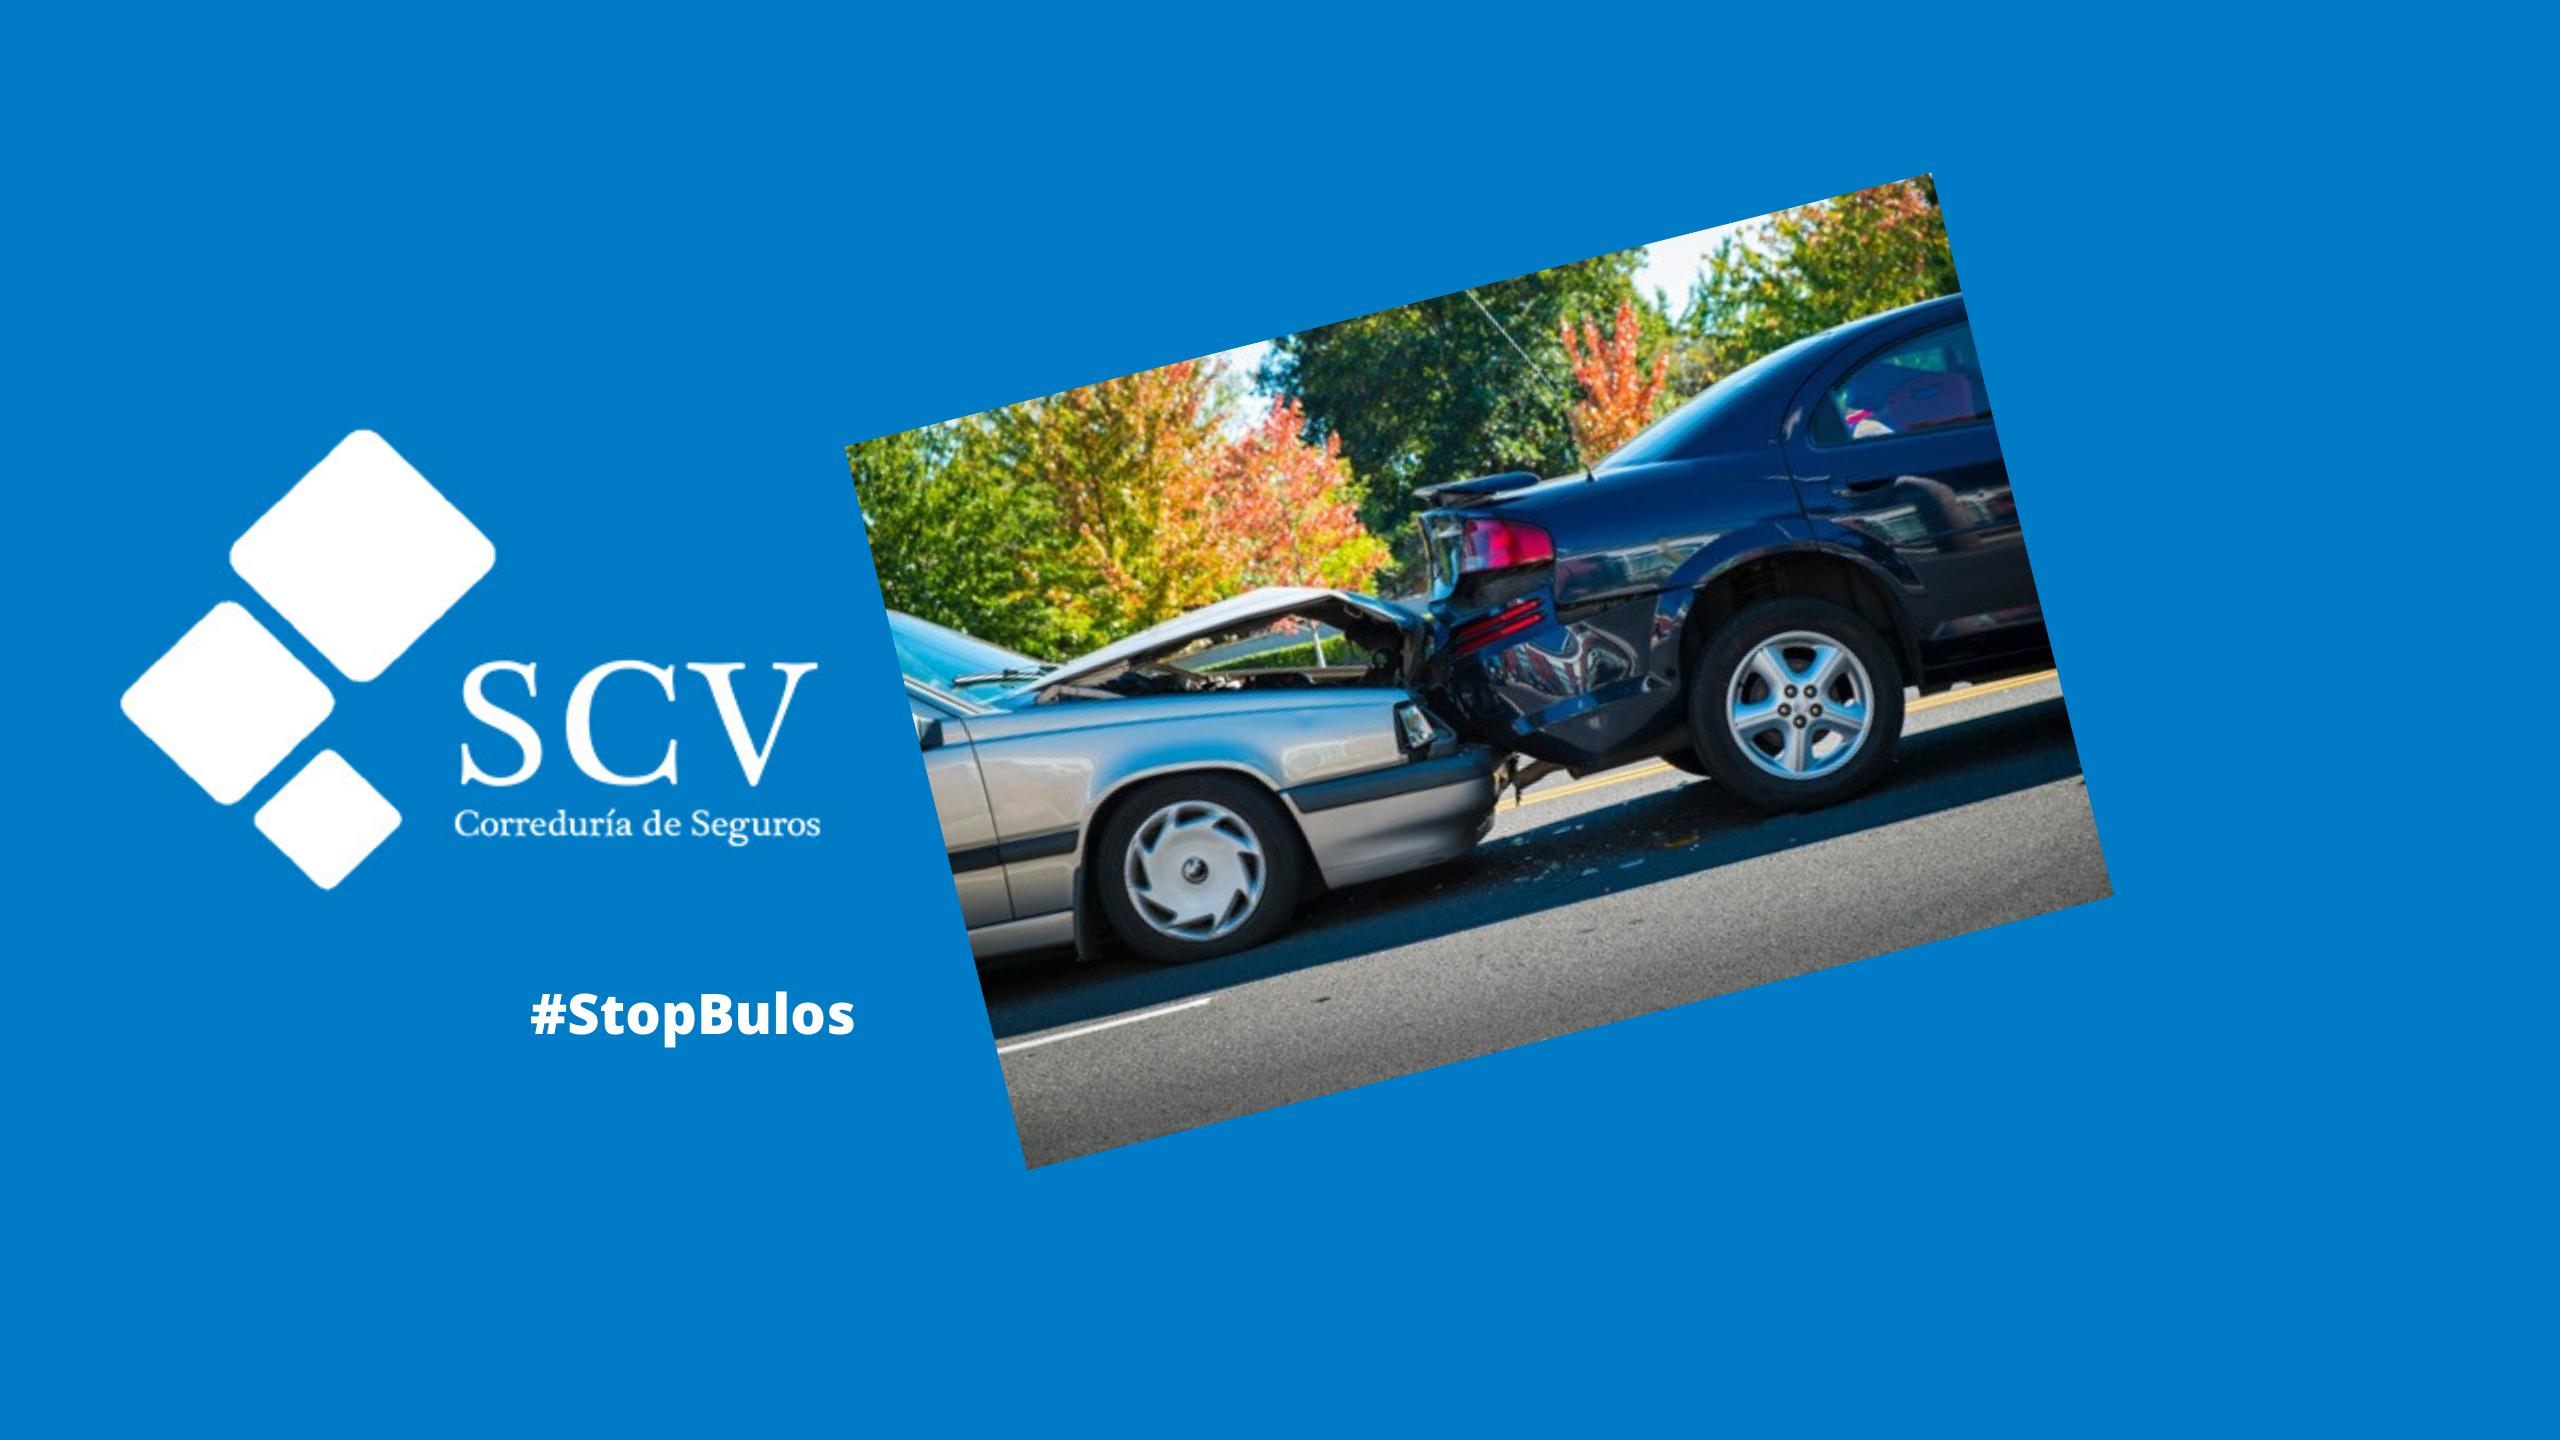 StopBulos en RRSS. Cobertura de las Aseguradoras del Seguro de los Vehículos.